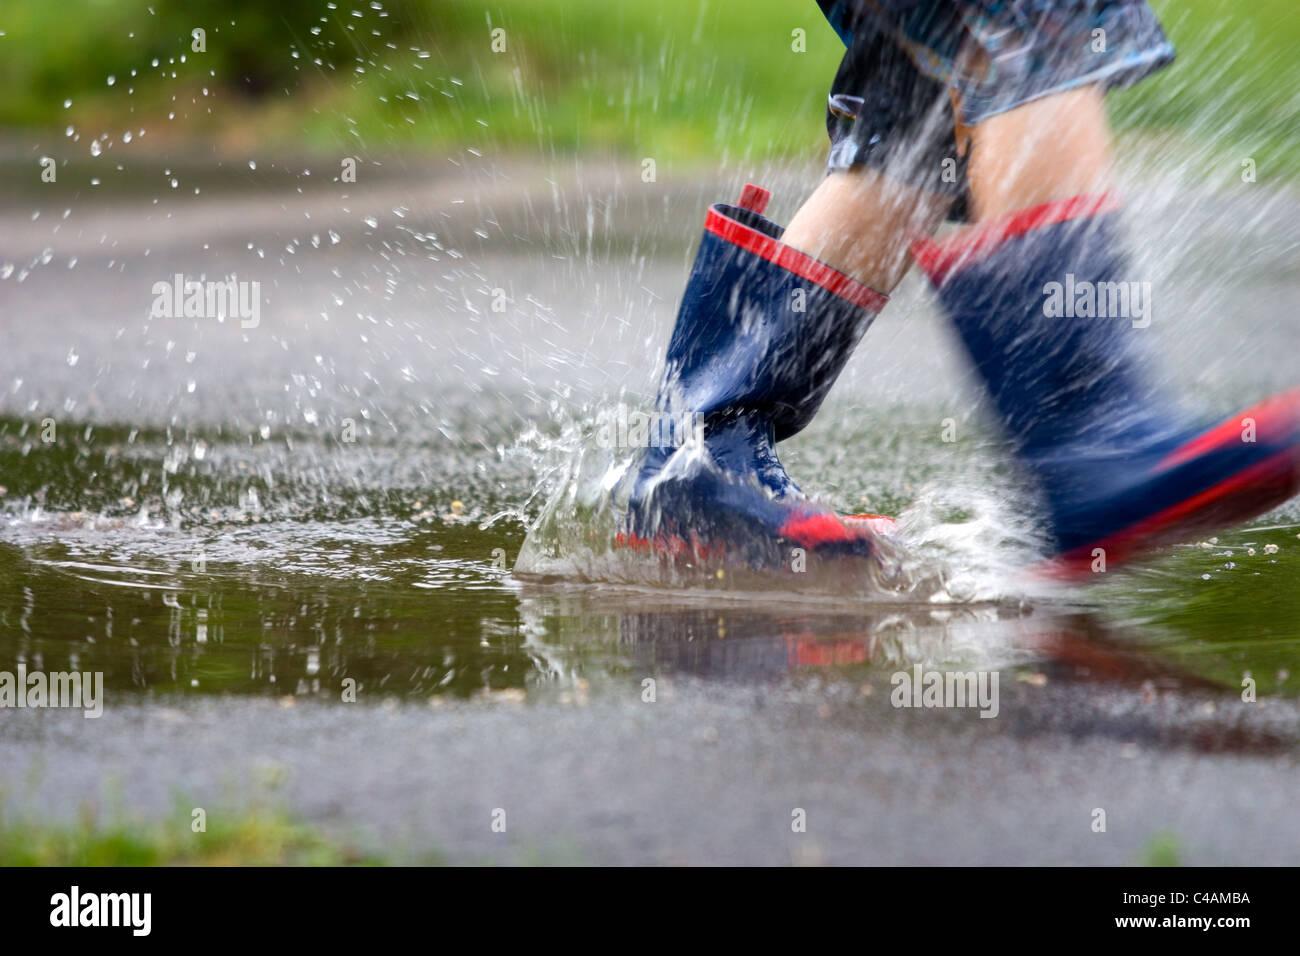 Bottes de pluie s'éclabousser dans une flaque Photo Stock